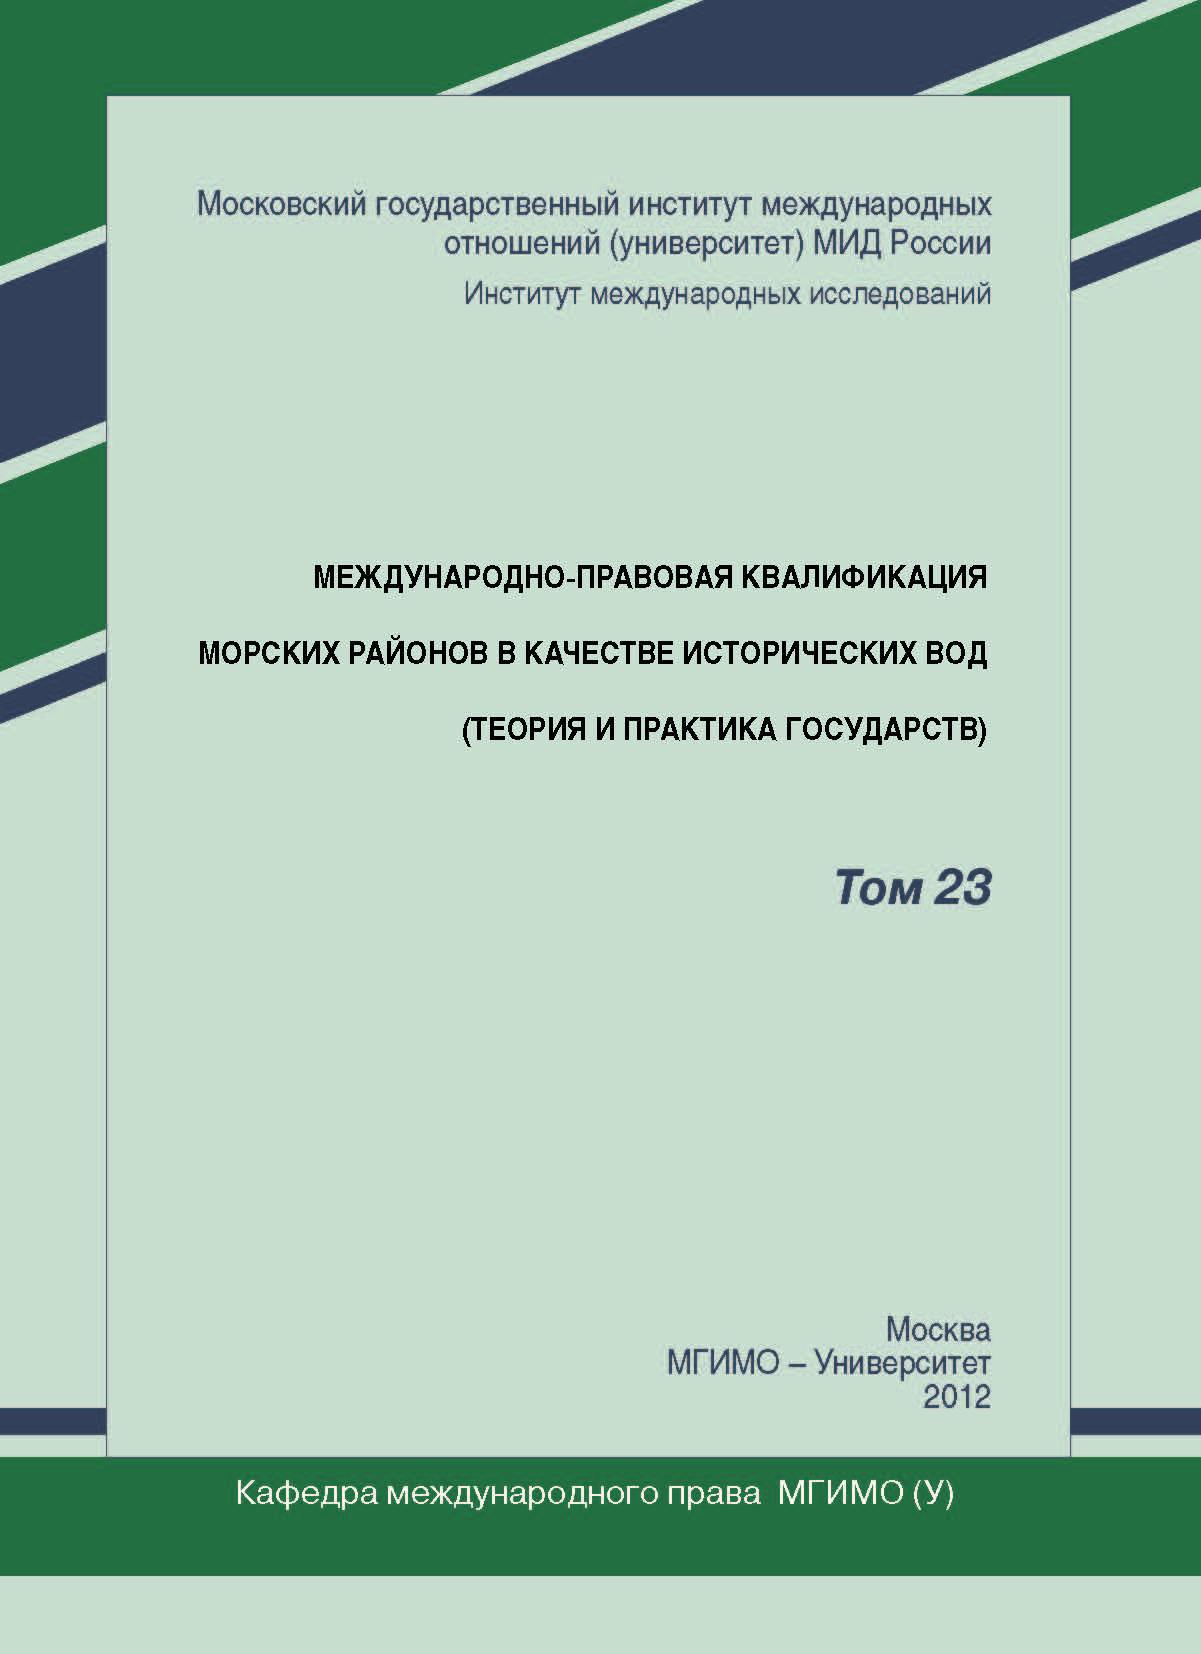 Международно-правовая квалификация морских районов в качестве исторических вод (теория и практика государств)